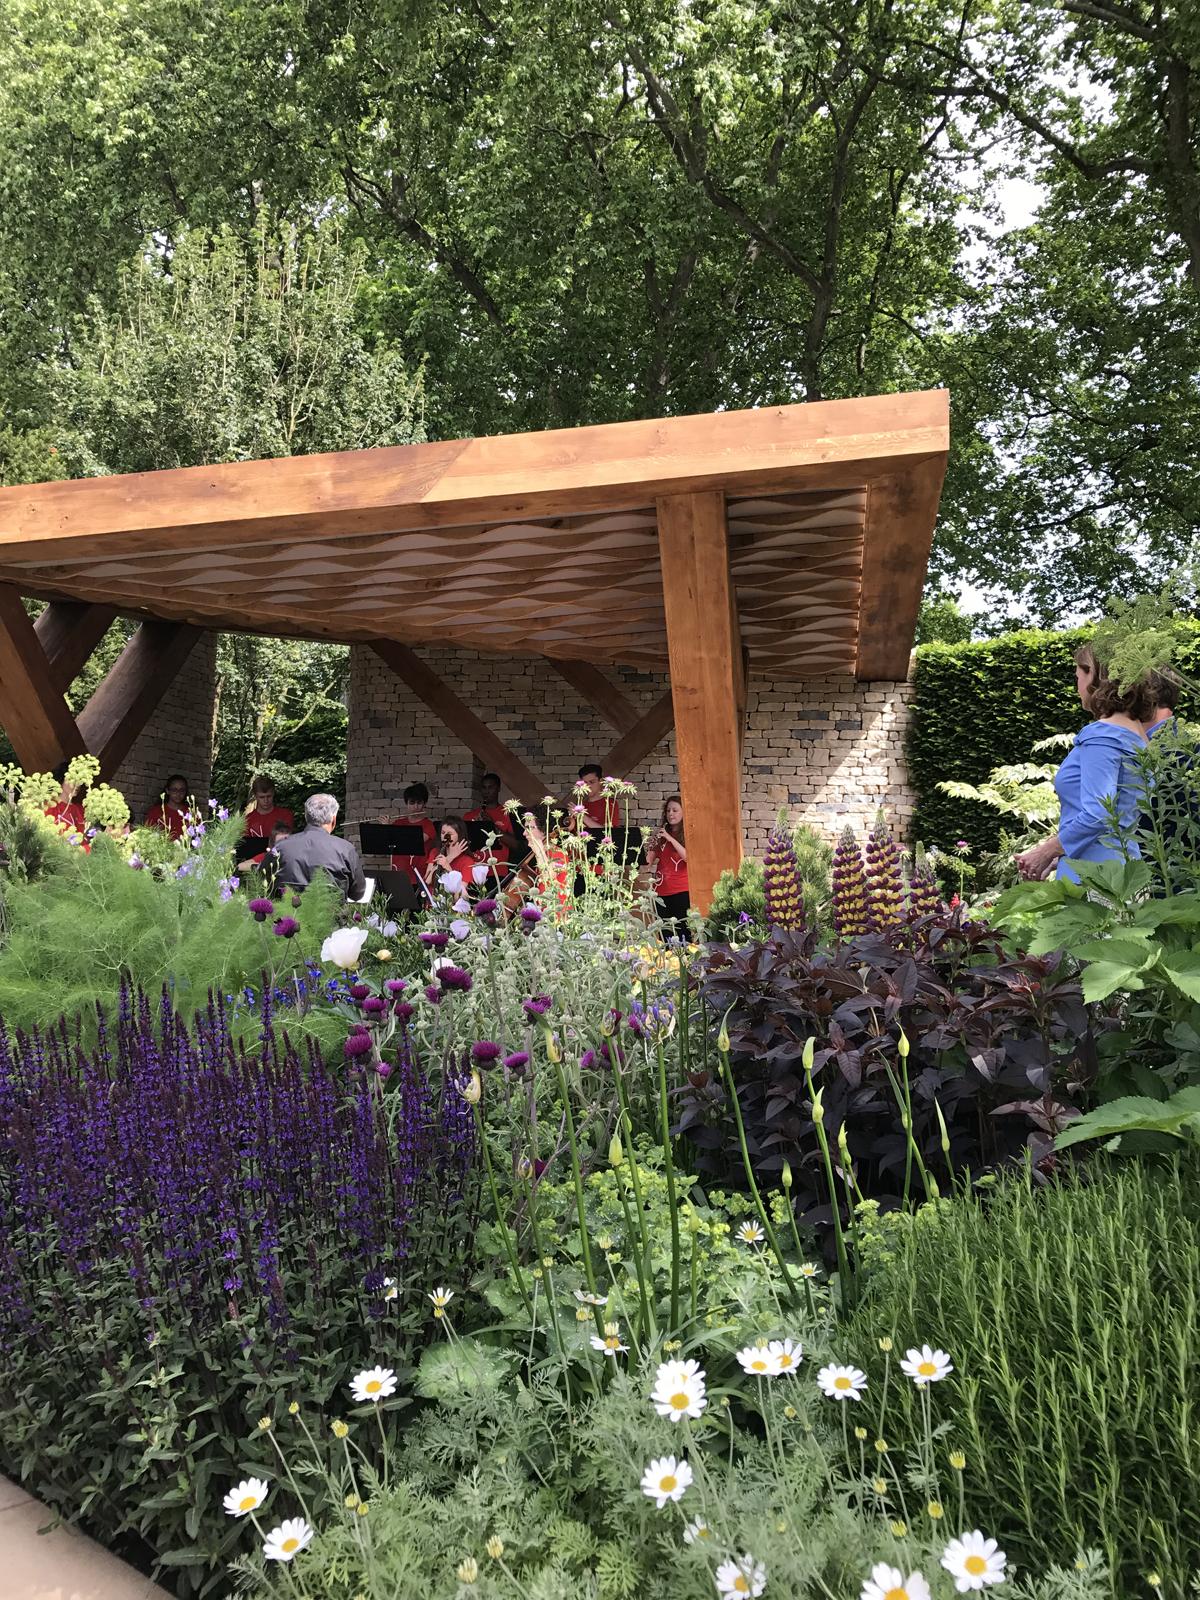 rhs chelsea flower show sophie robinson. Black Bedroom Furniture Sets. Home Design Ideas